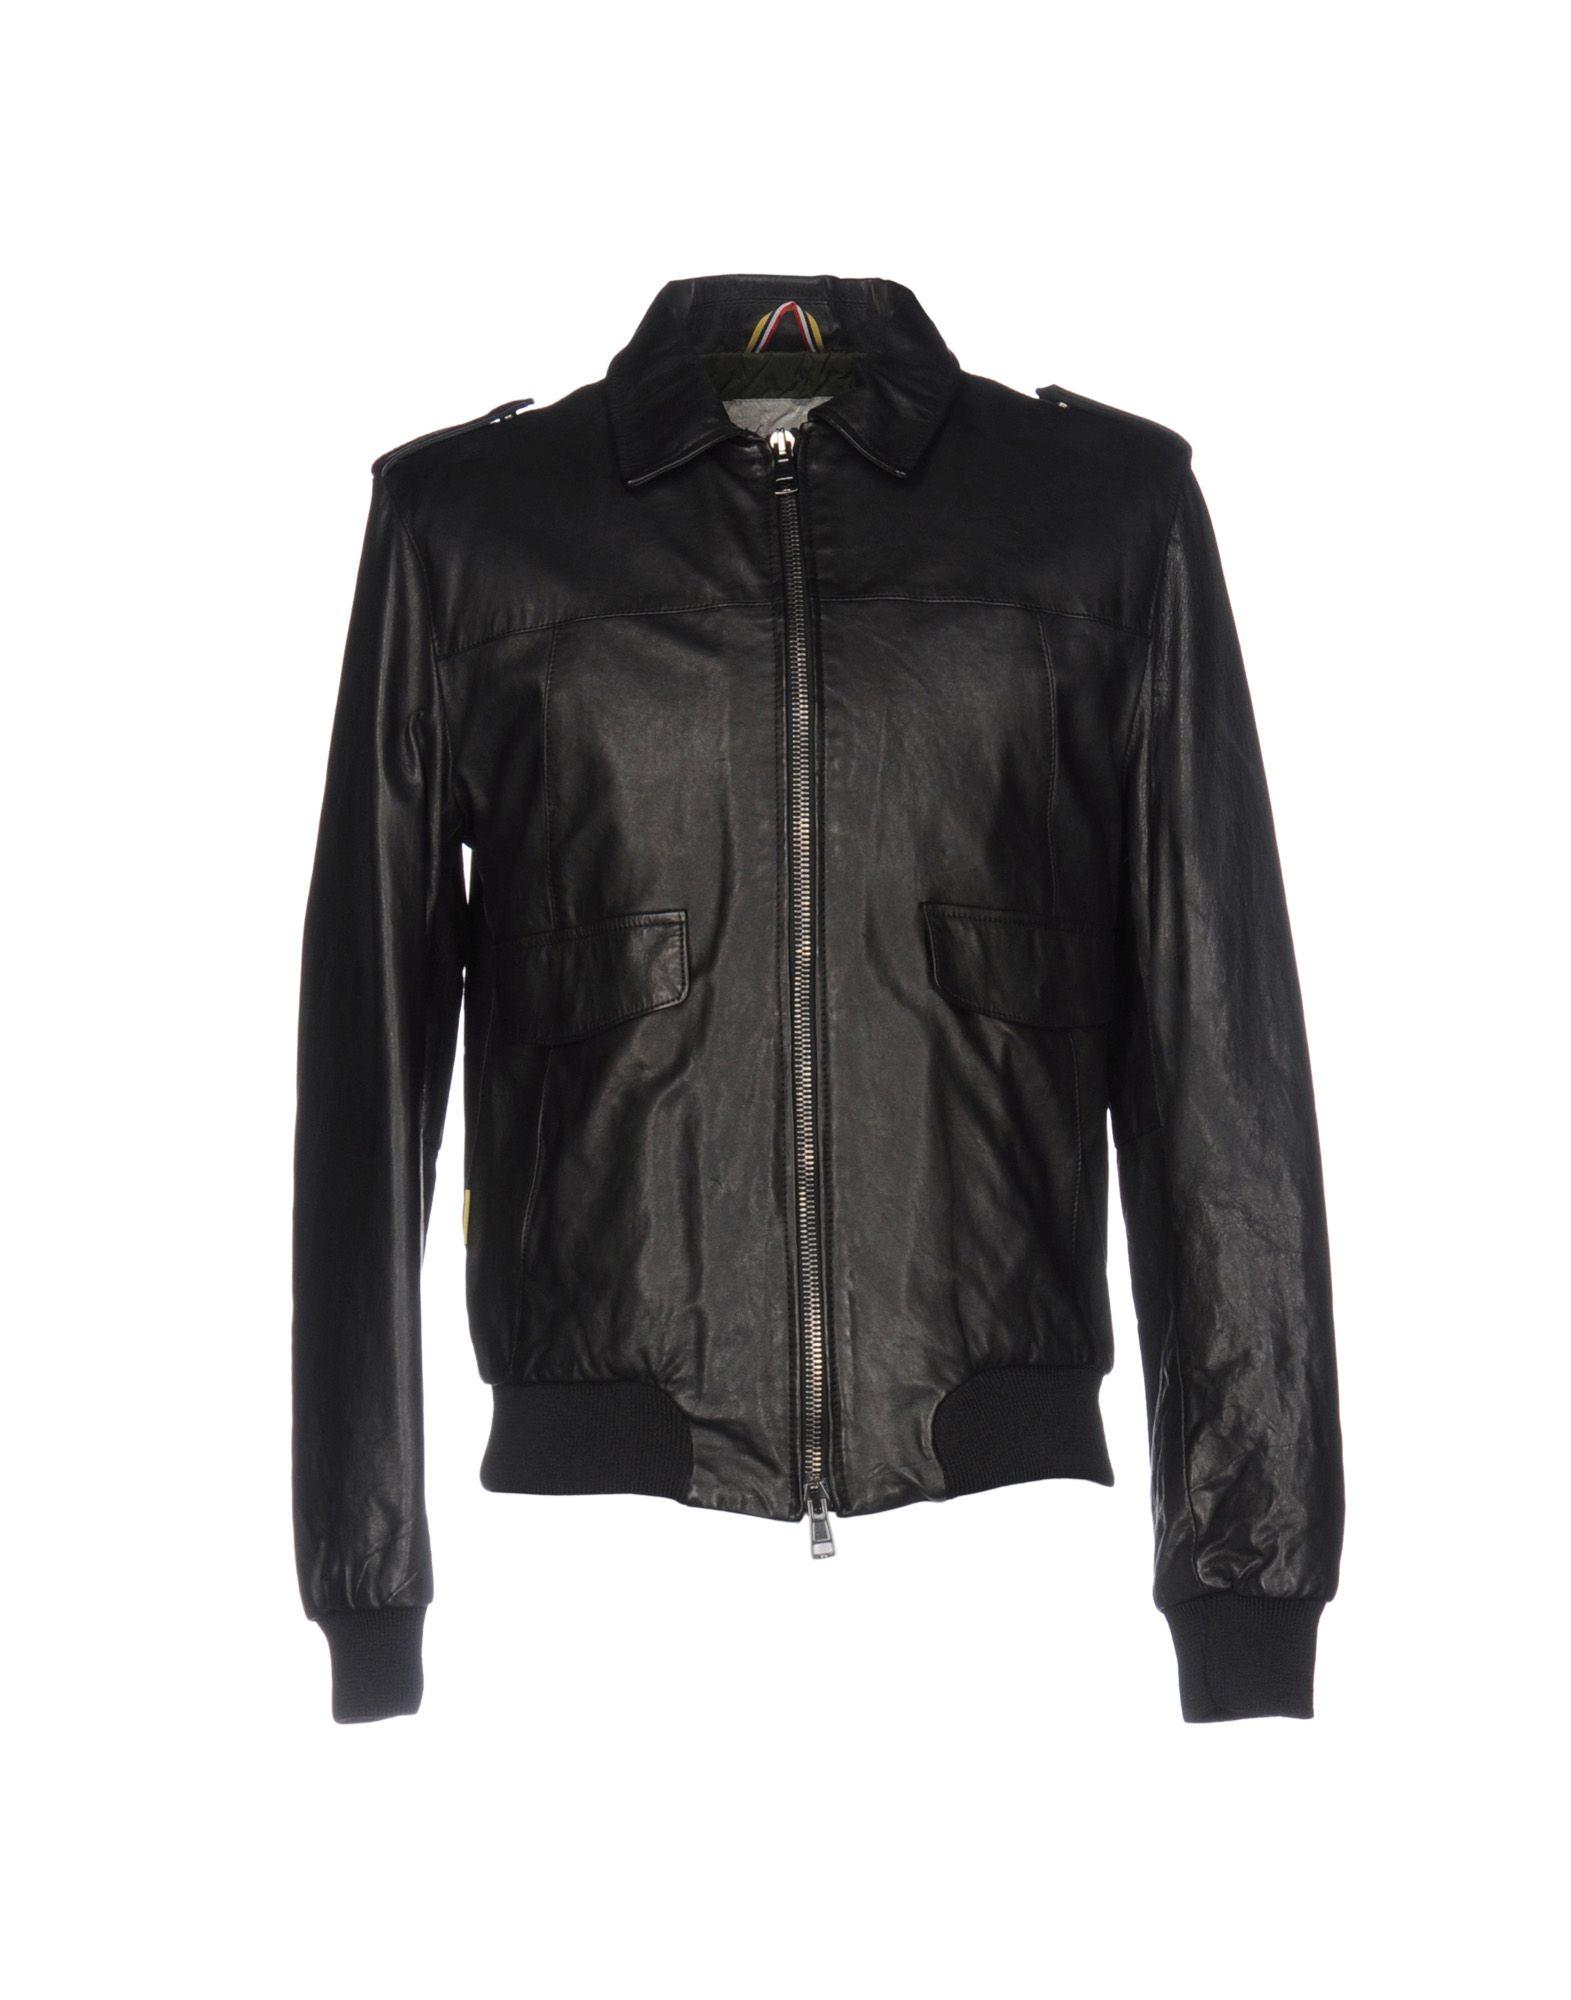 L(!)W BRAND Herren Jacke Farbe Schwarz Größe 8